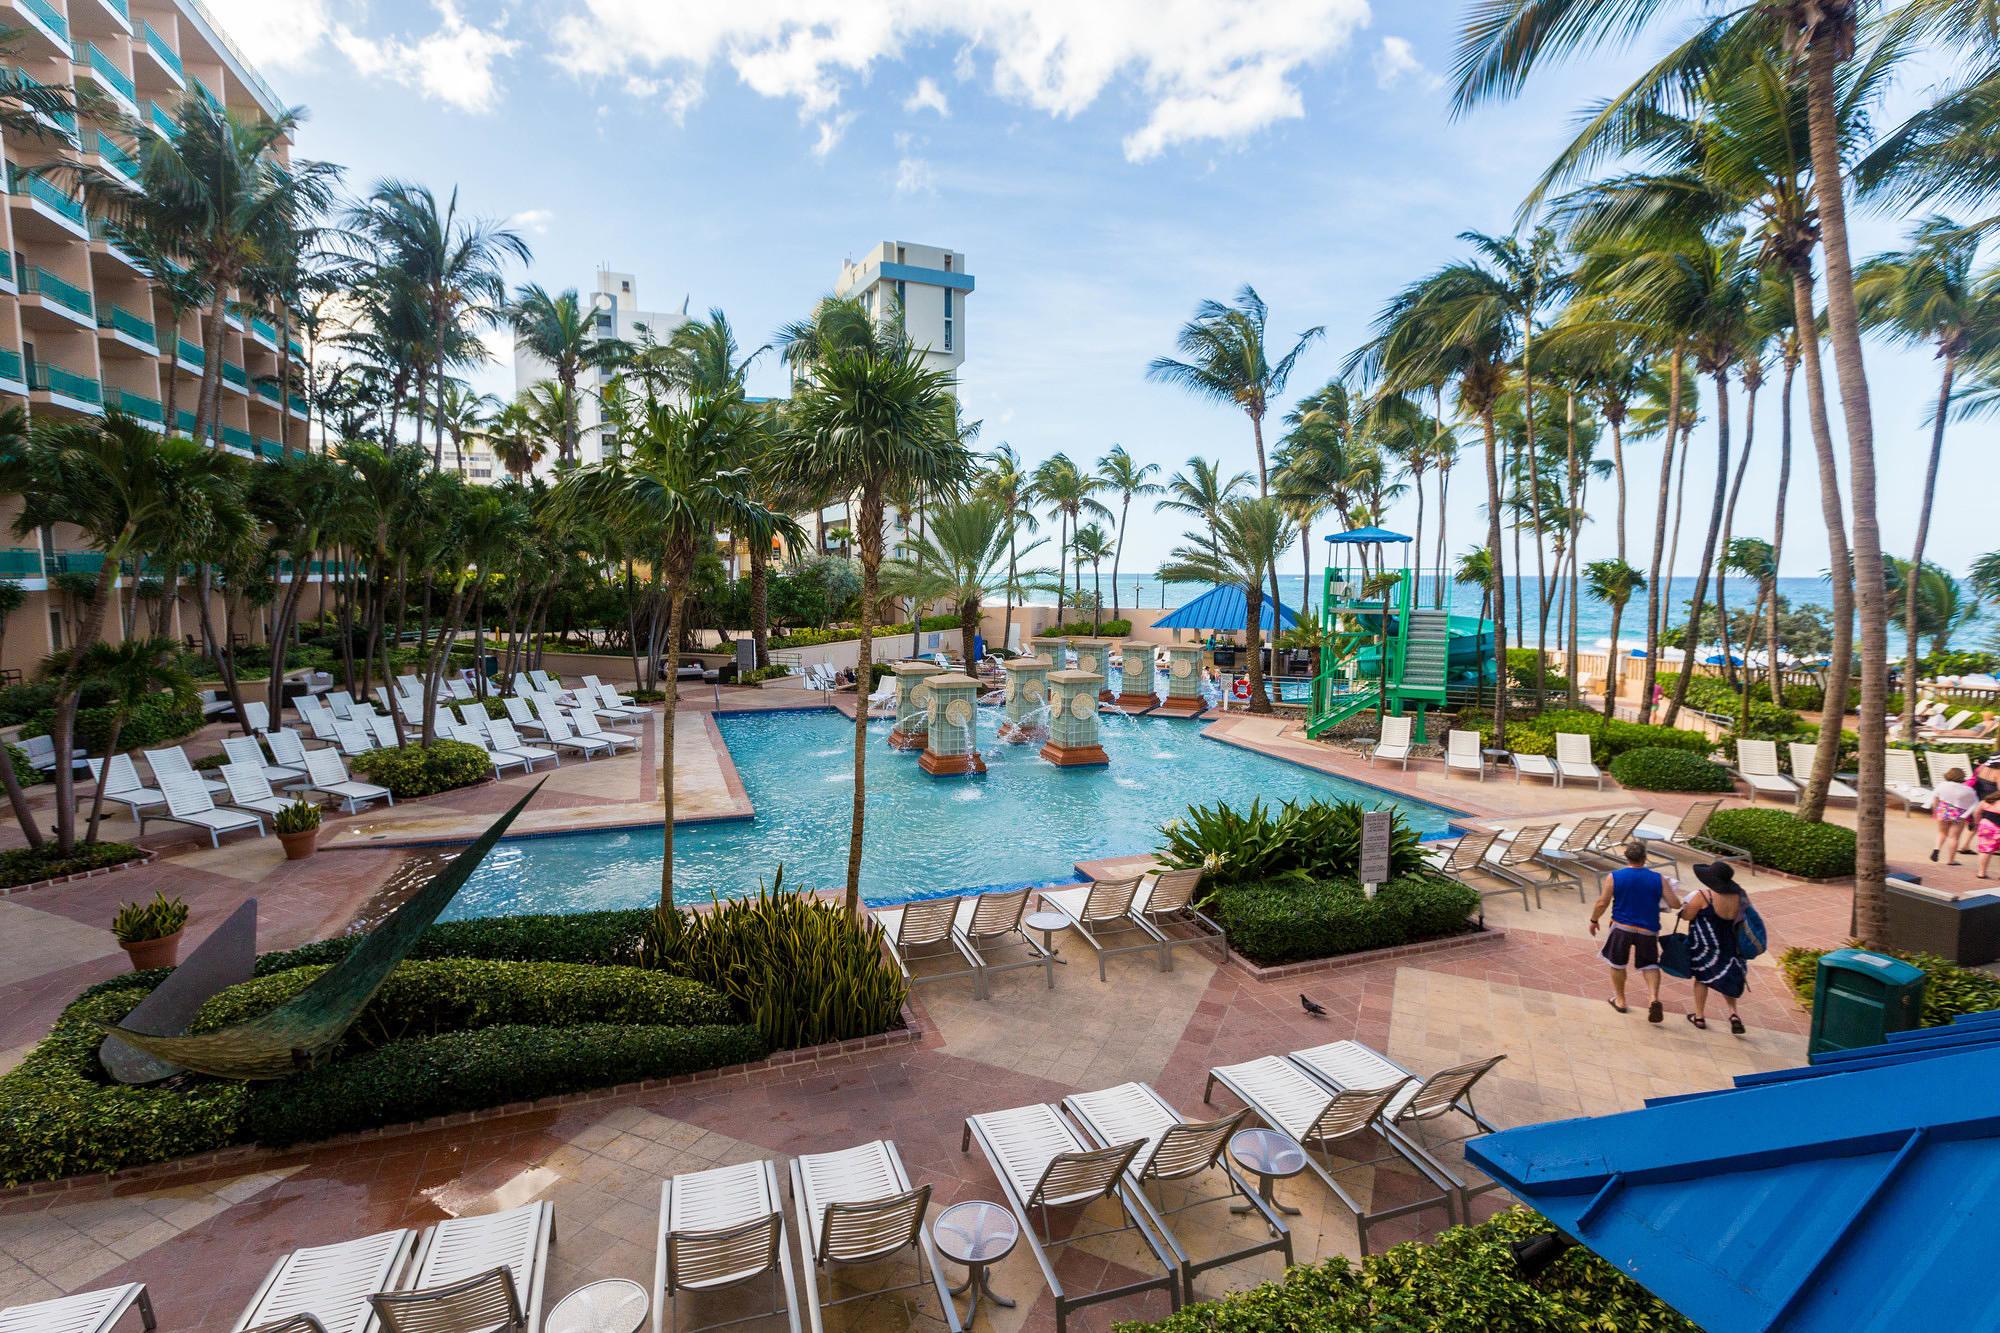 San Juan Marriott Resort & Stellaris Casino/Oyster